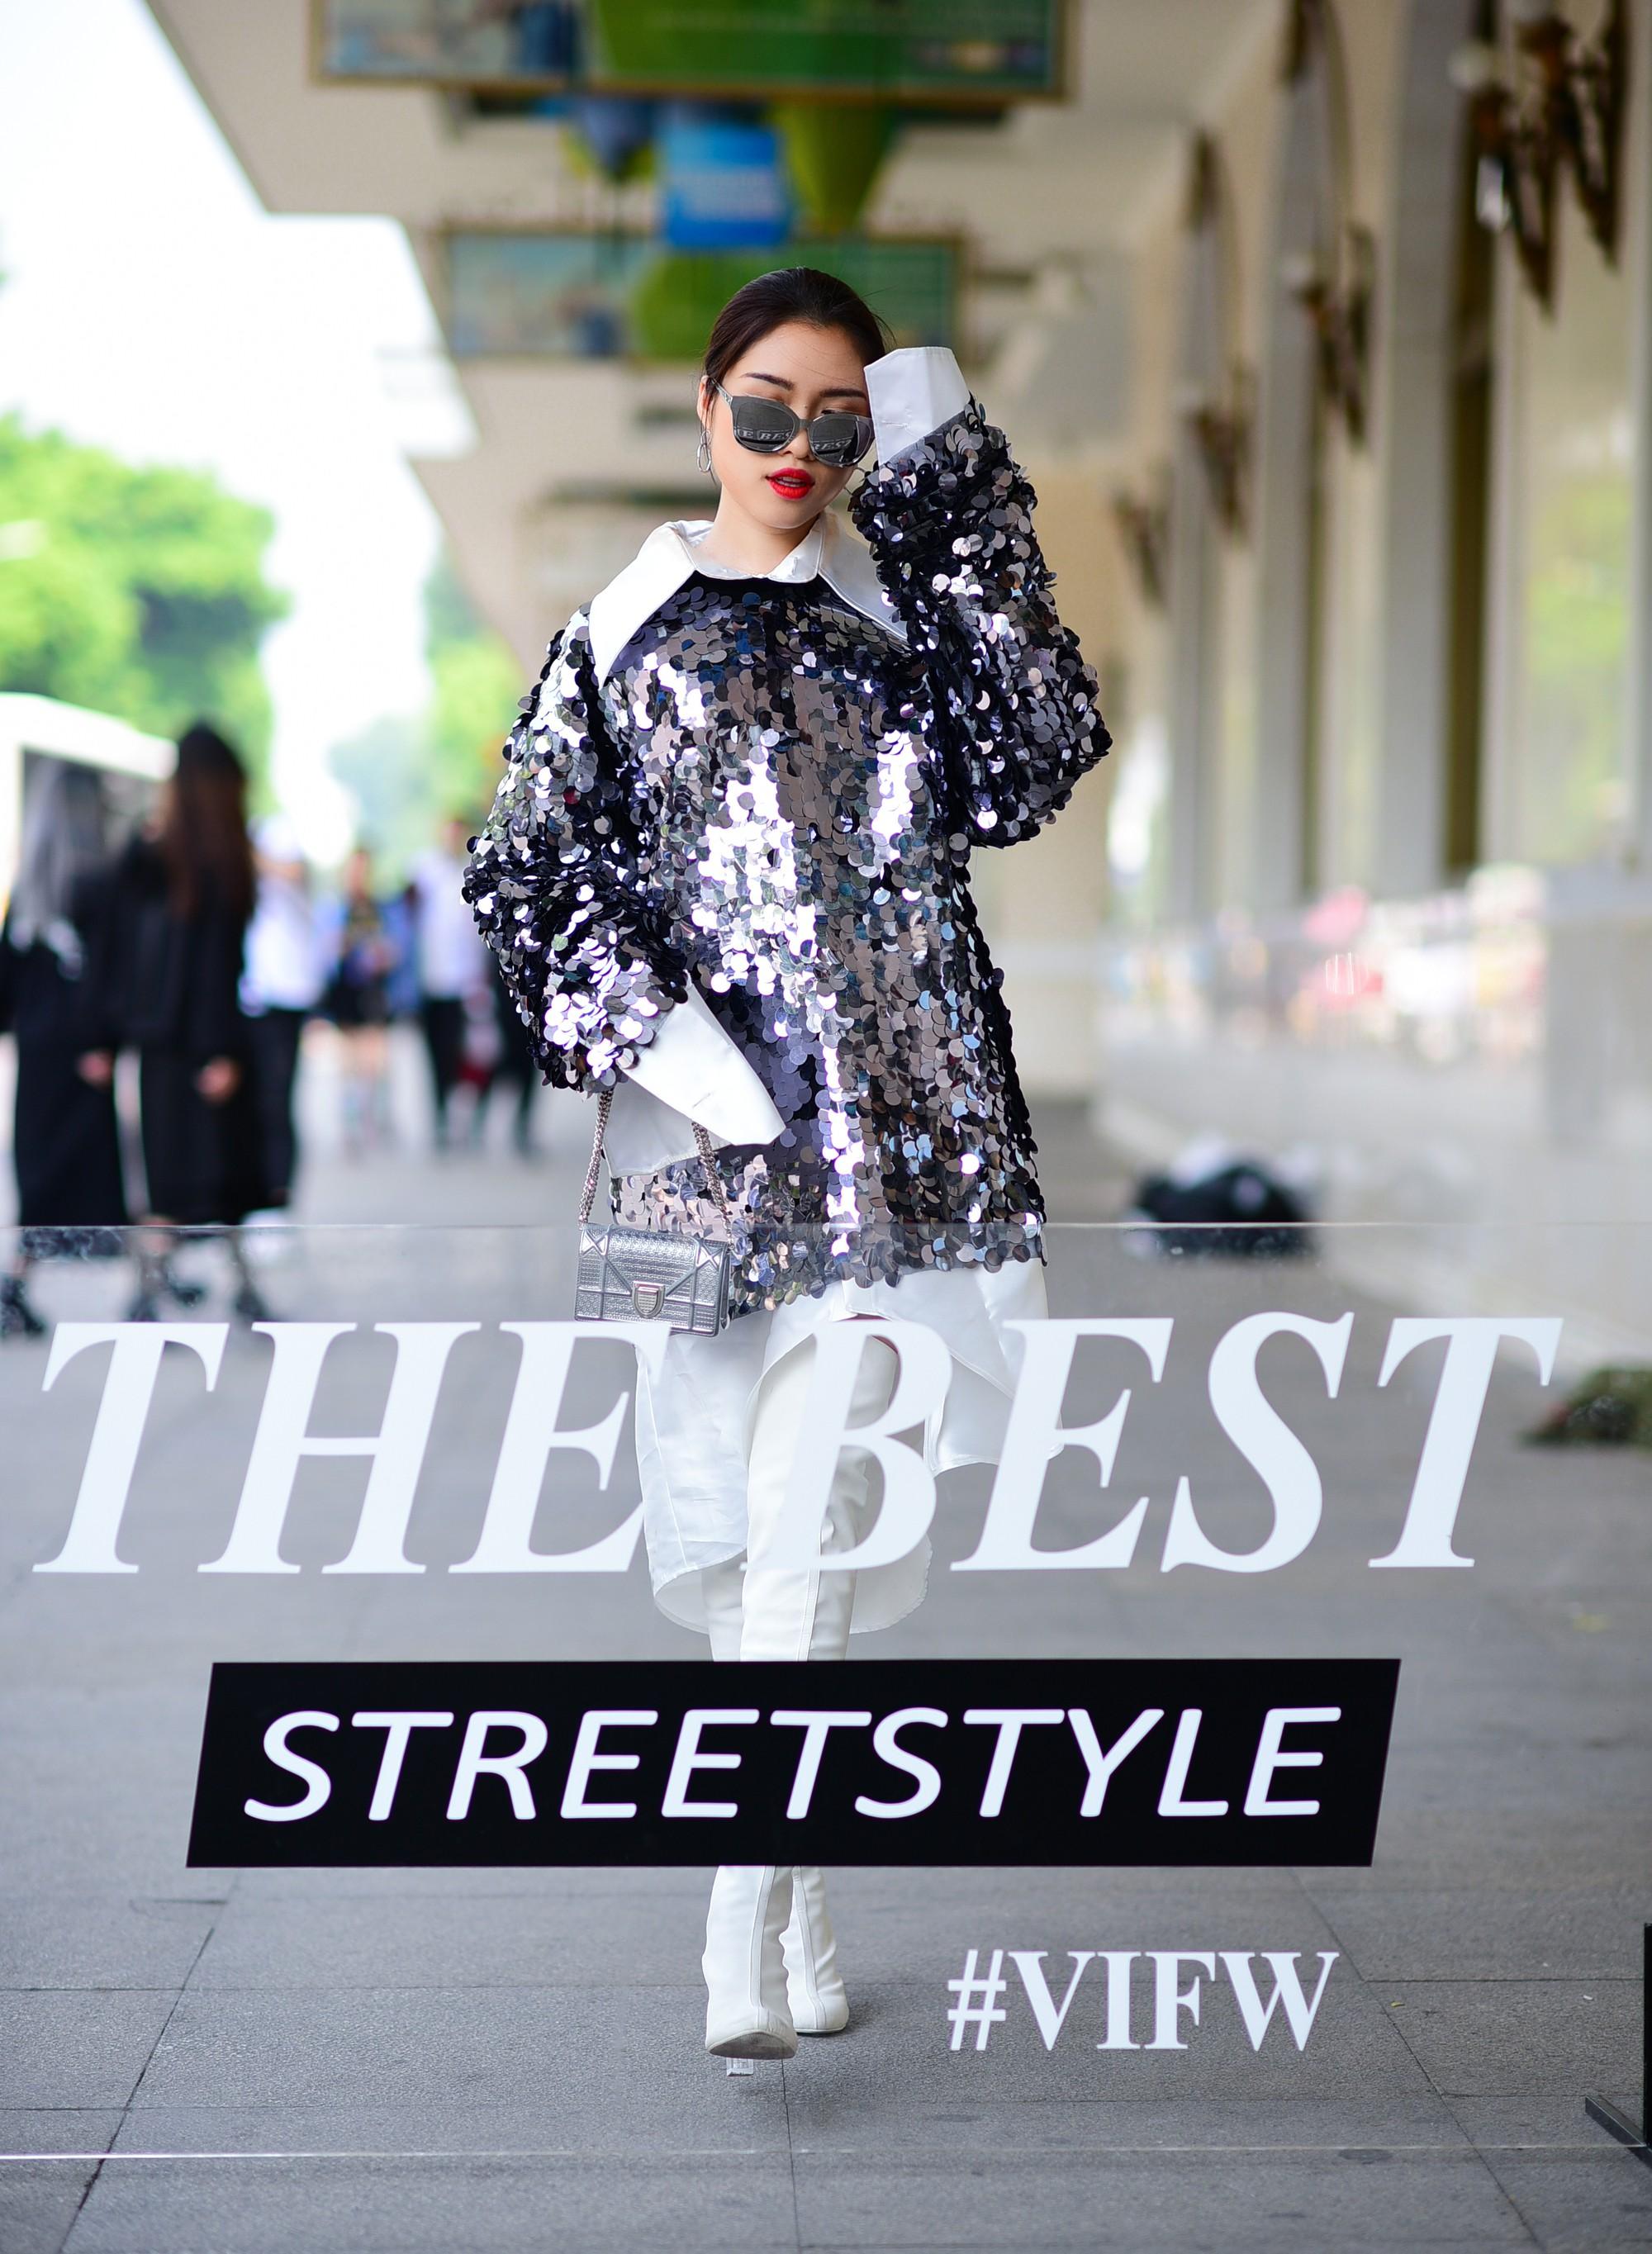 Street style VIFW ngày 4: Bộ tứ Vietnams Next Top Model diện tông trầm nhưng nổi bật, giới trẻ Hà Thành vẫn chung thủy với màu mè - Ảnh 3.